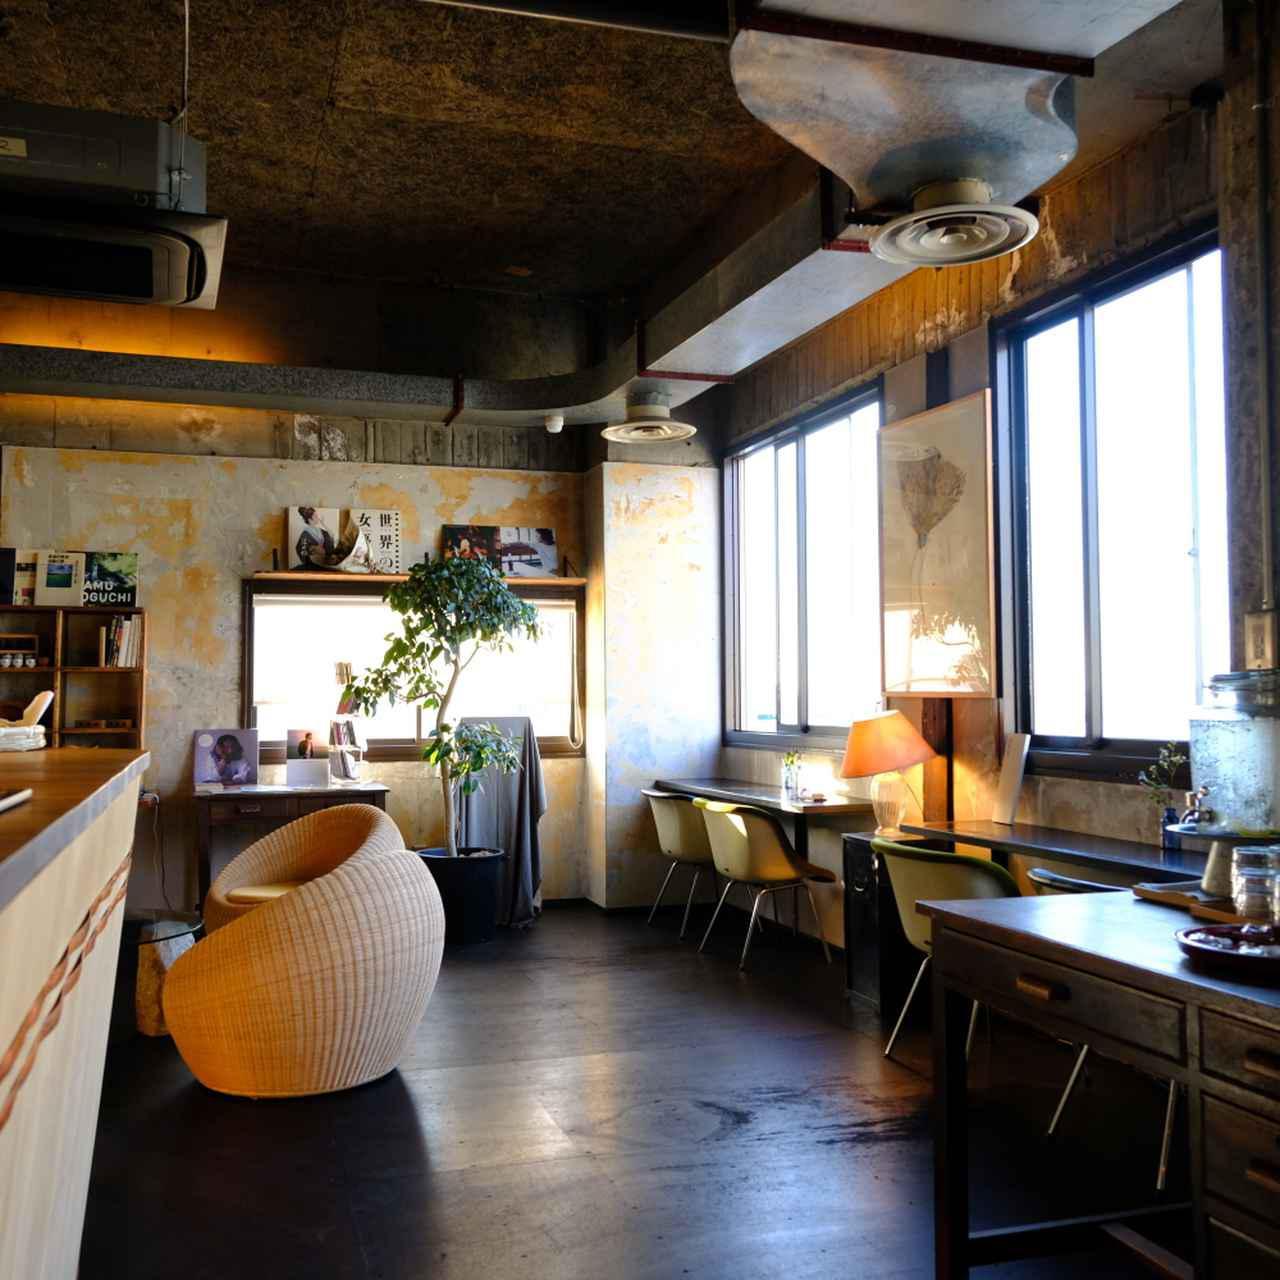 画像: このお店のために曽我部恵一氏が作曲したBGMを聴きながら、個性的なデザインに溢れる空間で心豊かになる贅沢時間。